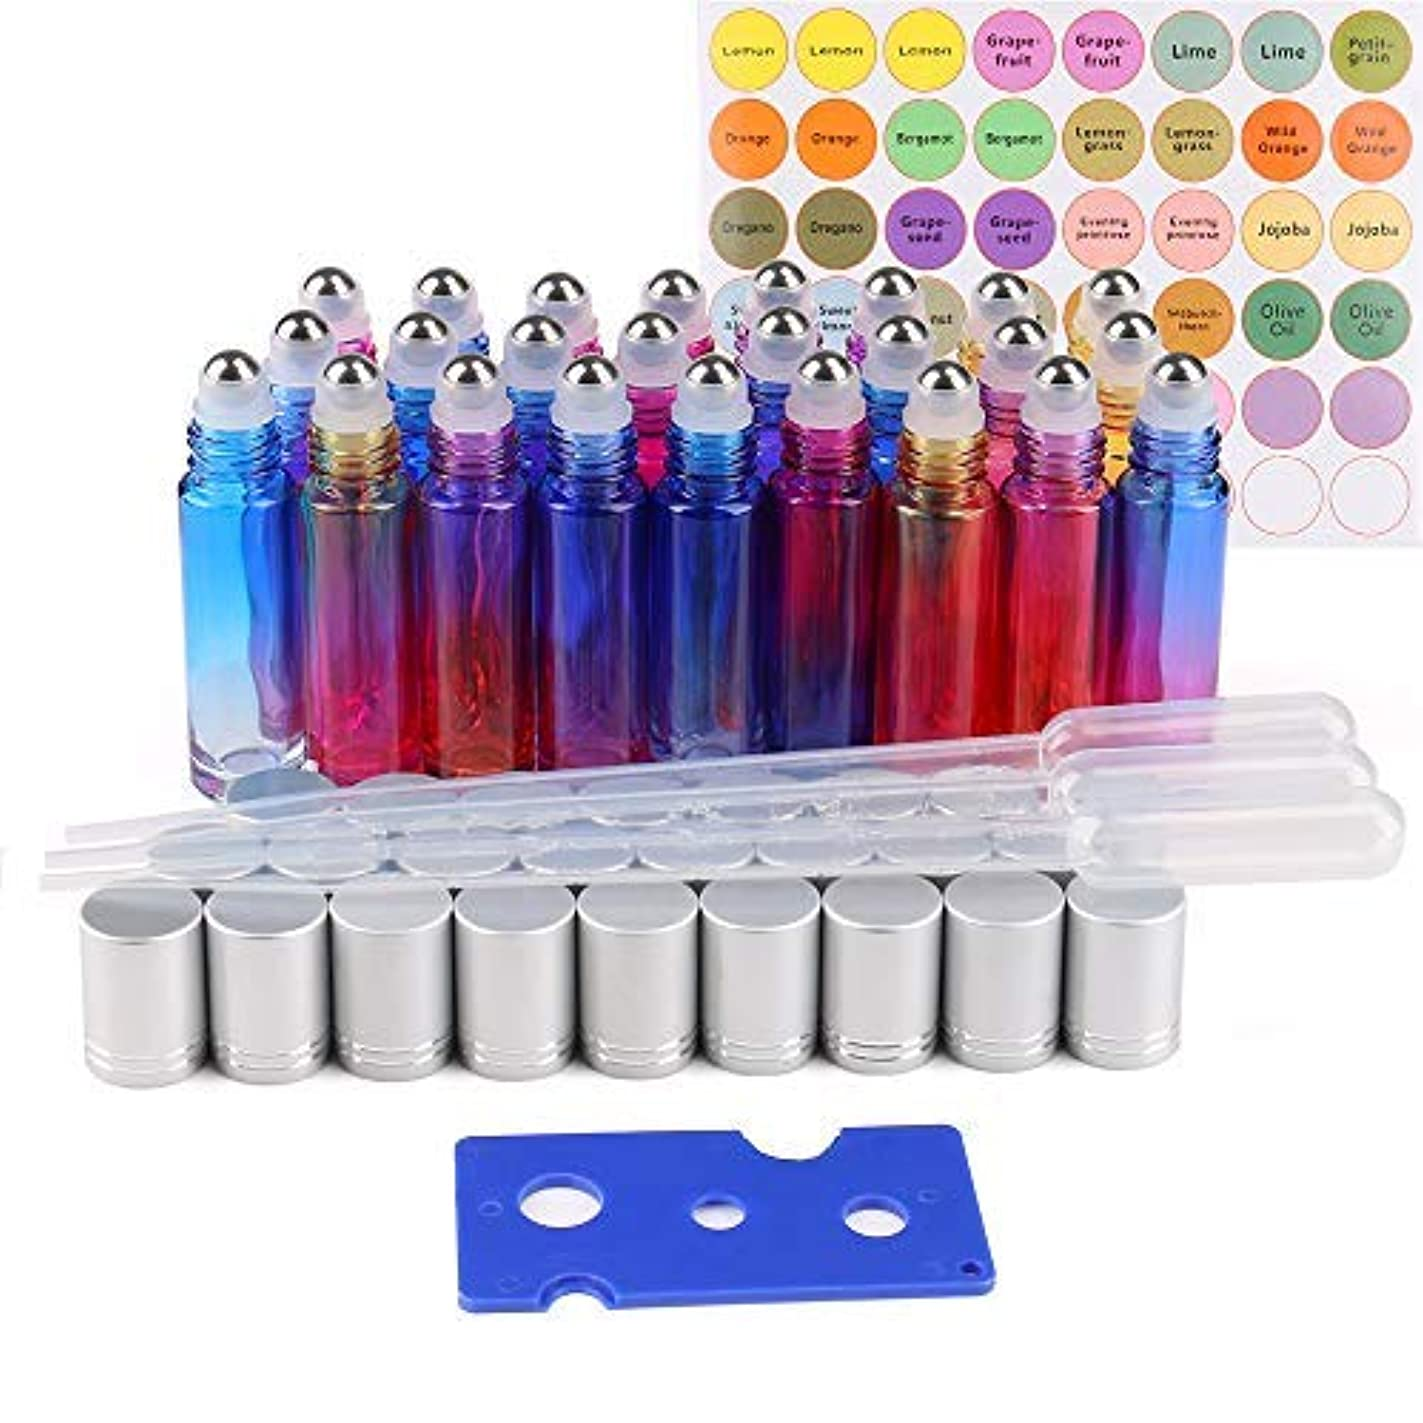 地球慈善ライム25 Pack Essential Oil Roller Bottles, 10ml Gradient Color Roll on Bottles with Stainless Steel Roller Balls for...